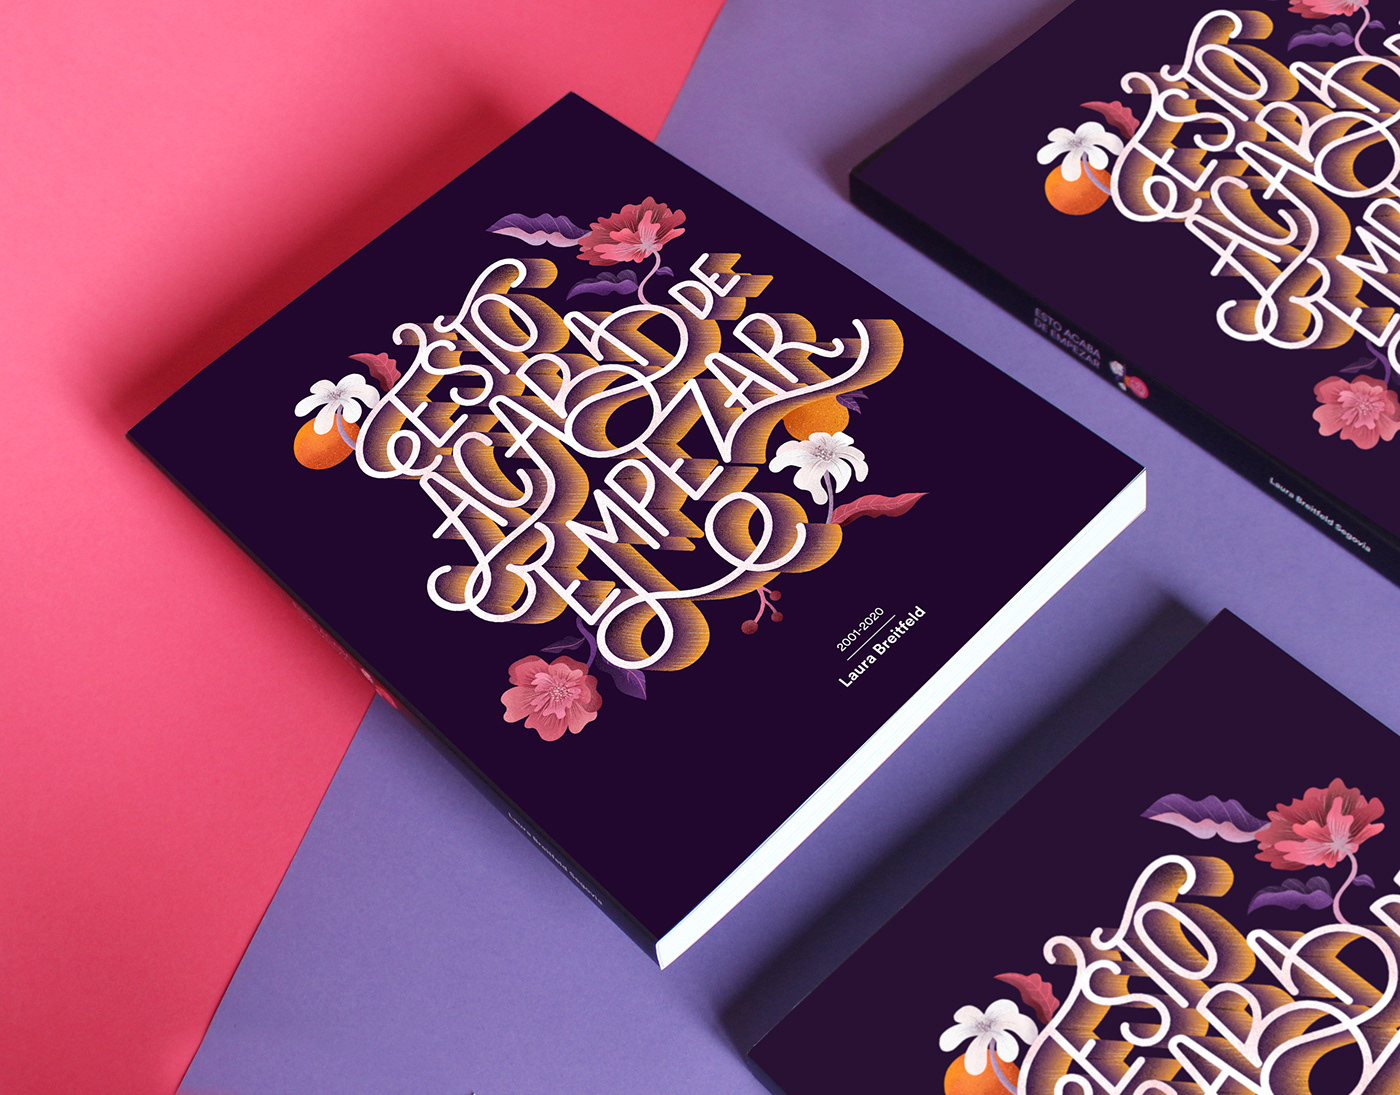 book design Botanicals cover diseño gráfico floral graphic design  ILLUSTRATION  ilustracion Layout maquetación